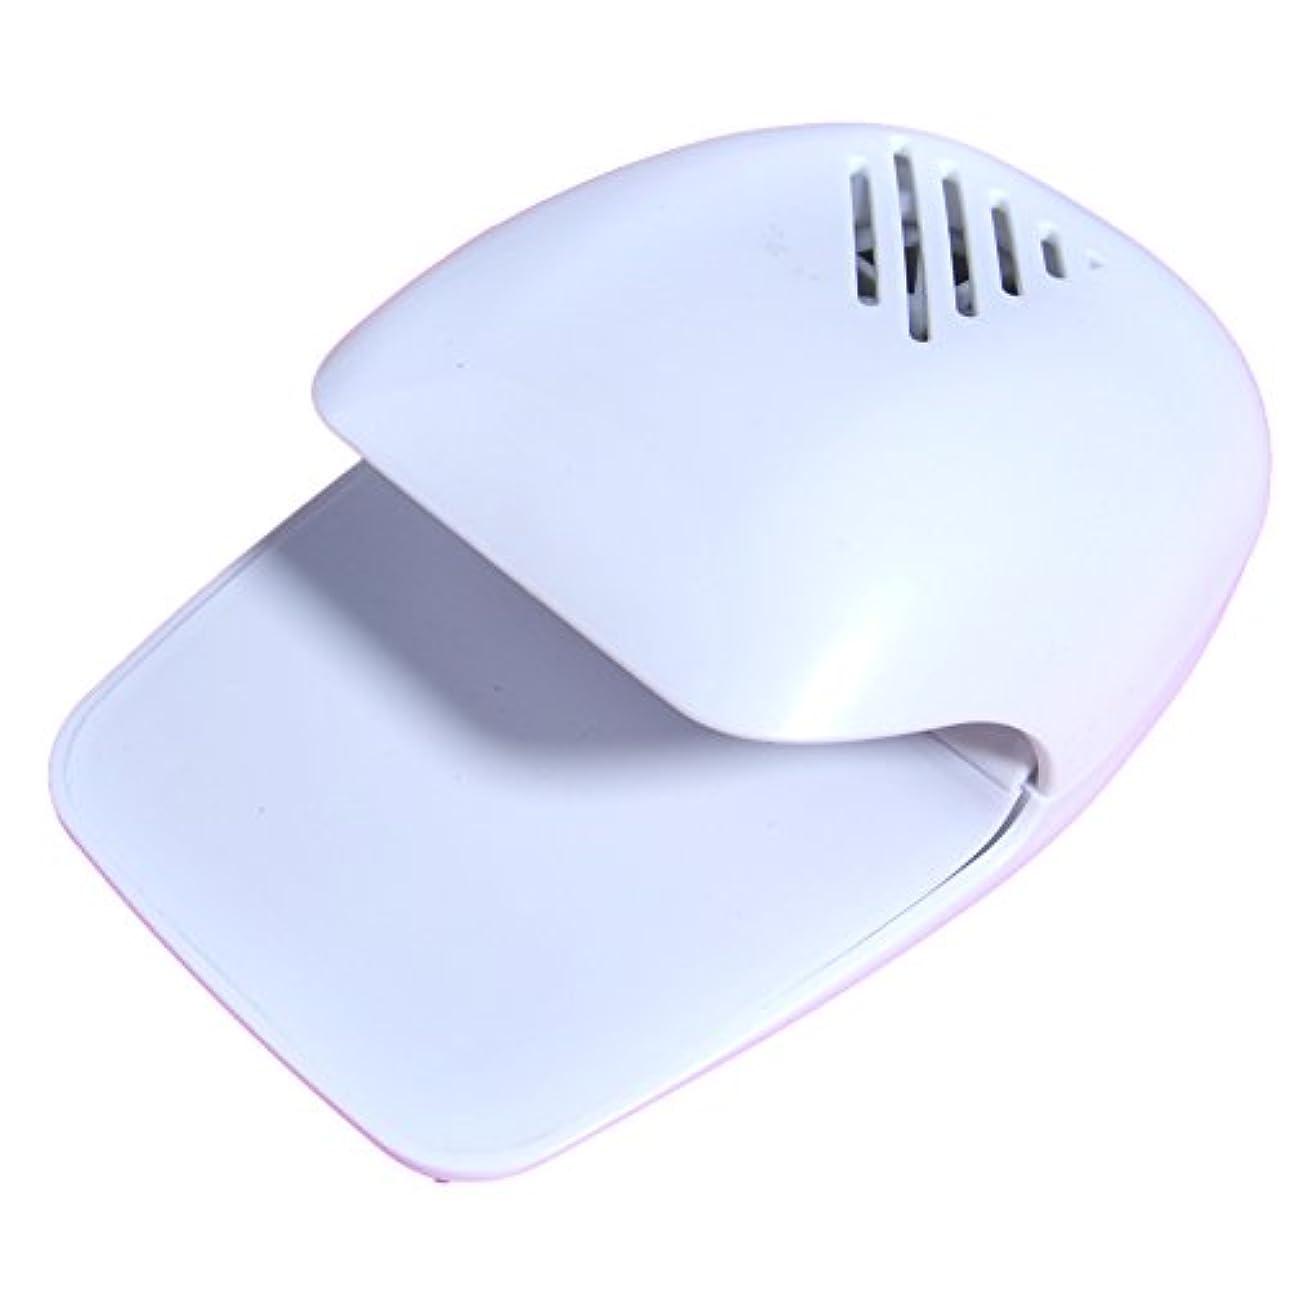 サワーを除くがっかりするユニークモール(UniqueMall)風で優しくネイルを乾かす ネイル乾燥機 シャイニーネイルドライヤー マニキュア用 乾燥爪